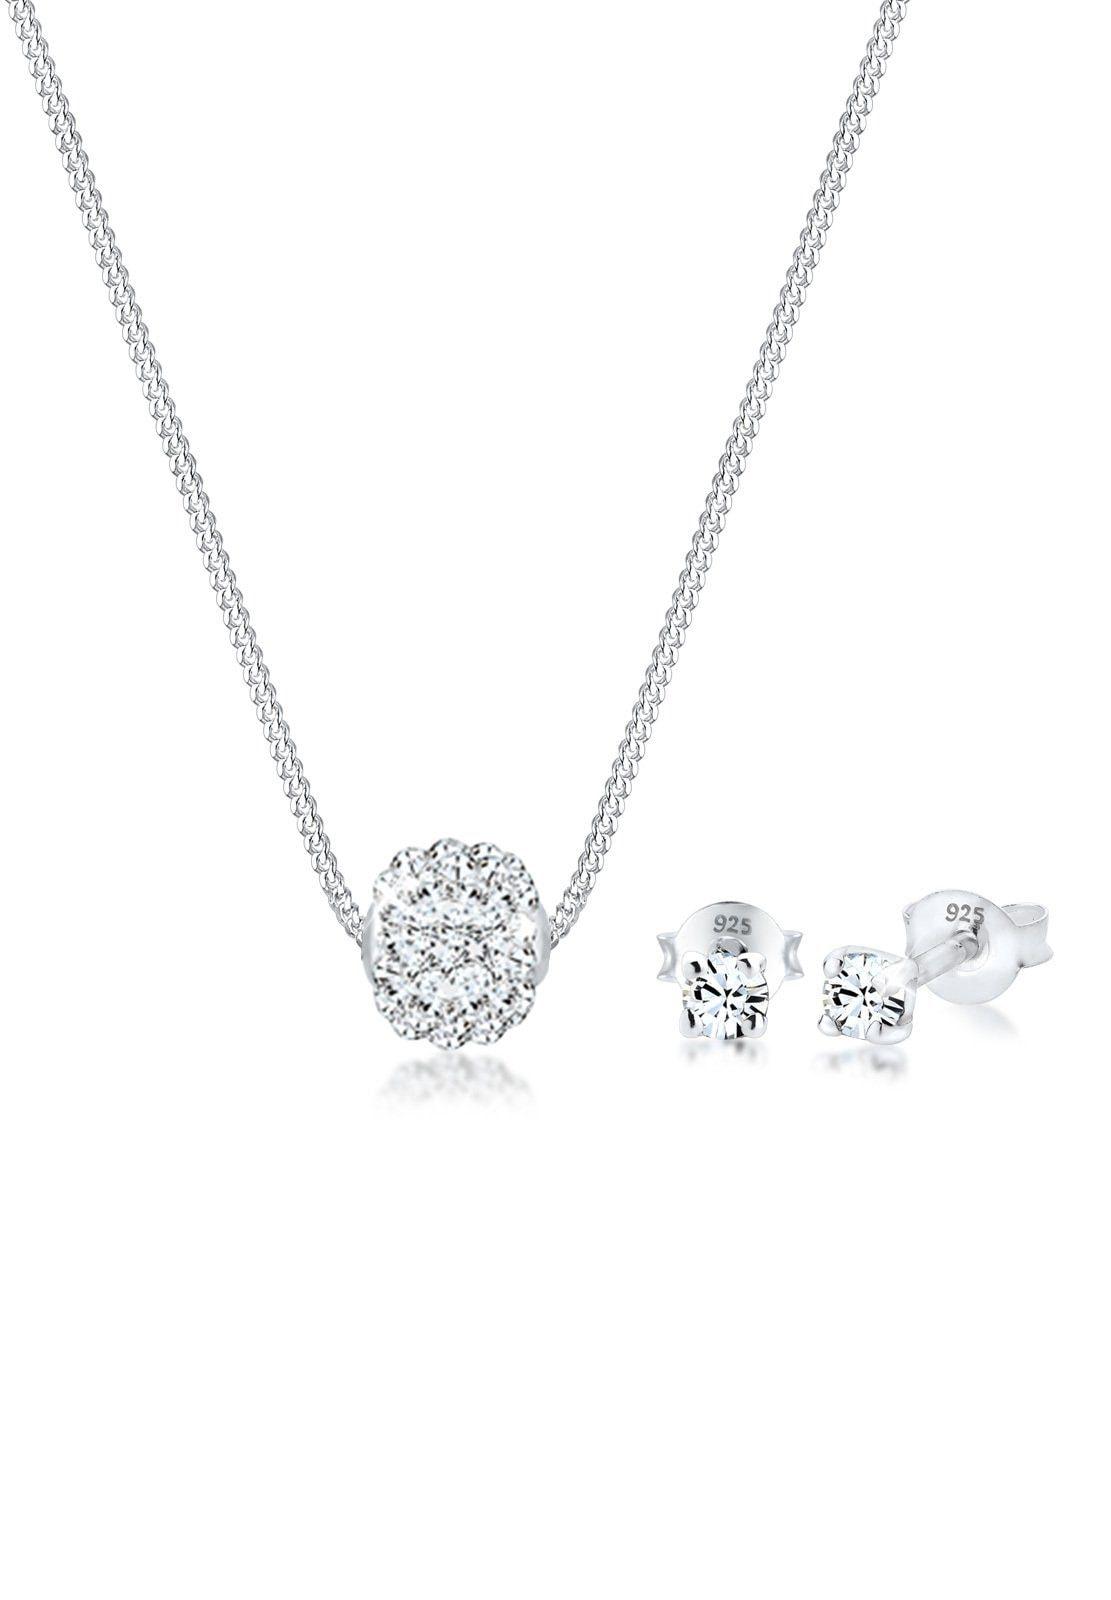 Elli Schmuckset Collier Kugel Swarovski Kristalle 925 Silber | Schmuck > Halsketten > Colliers | Elli